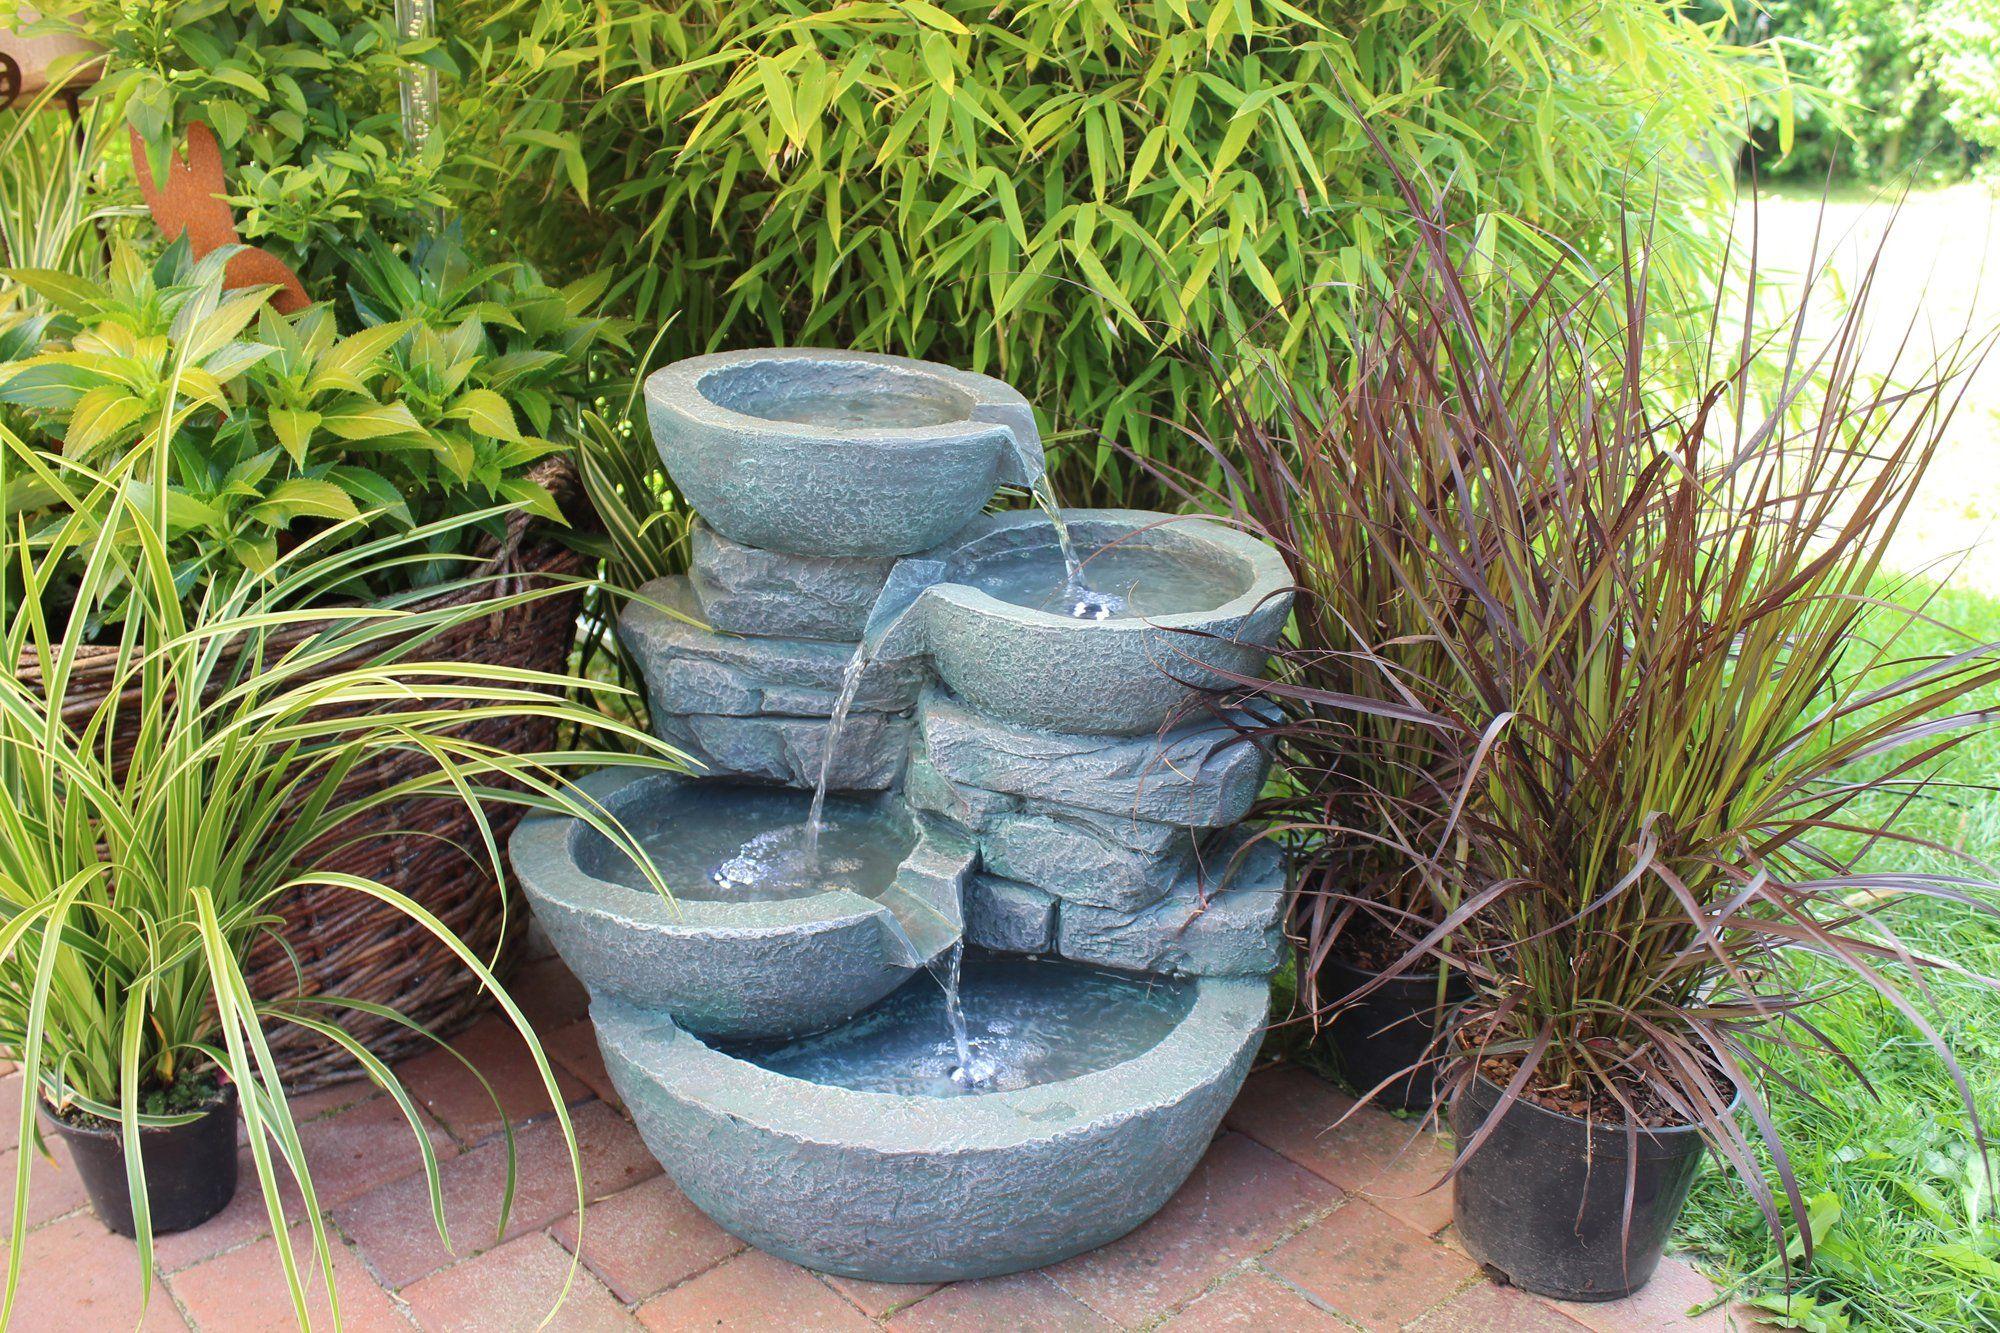 Springbrunnen Cascades Mit Led Beleuchtung Gartenbrunnen Zimmerbrunnen Amazon De Garten Gartenbrunnen Zimmerbrunnen Garten